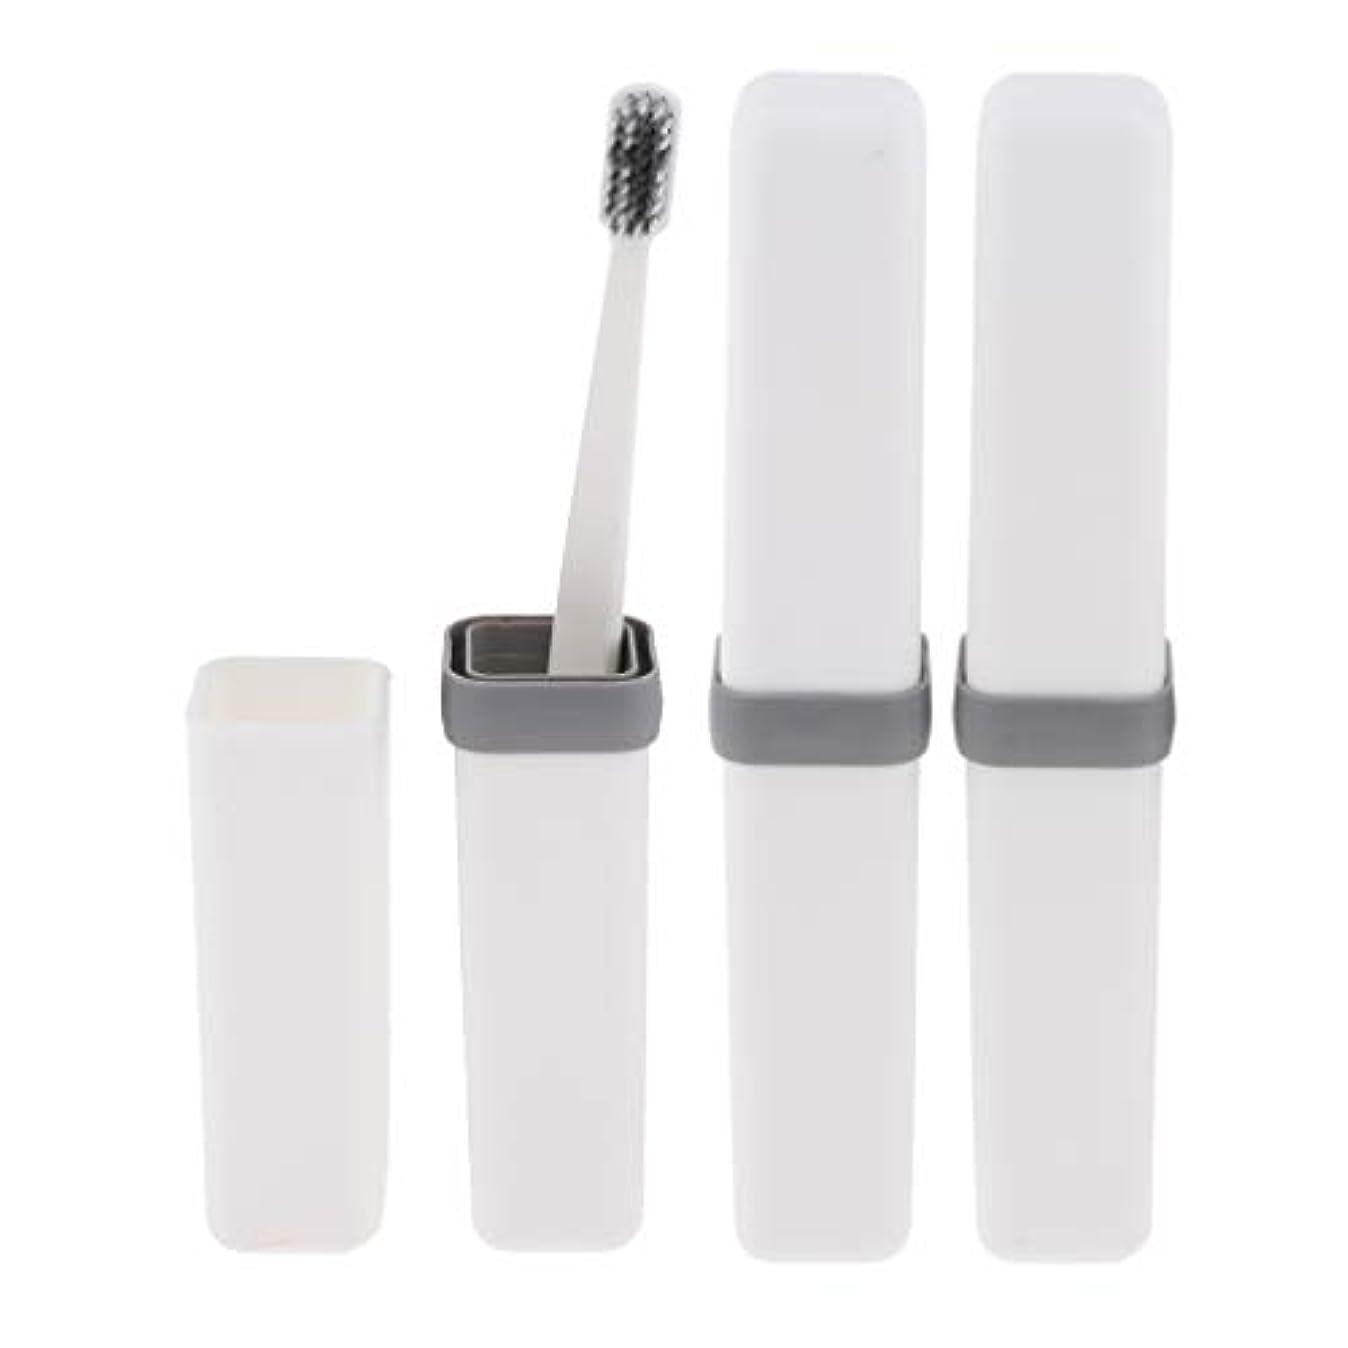 毒液キノコ手段Fenteer 歯ブラシ 歯磨き 歯清潔 収納ボックス付 旅行 キャンプ 学校 軽量 携帯 実用的 3個 全4色 - 白